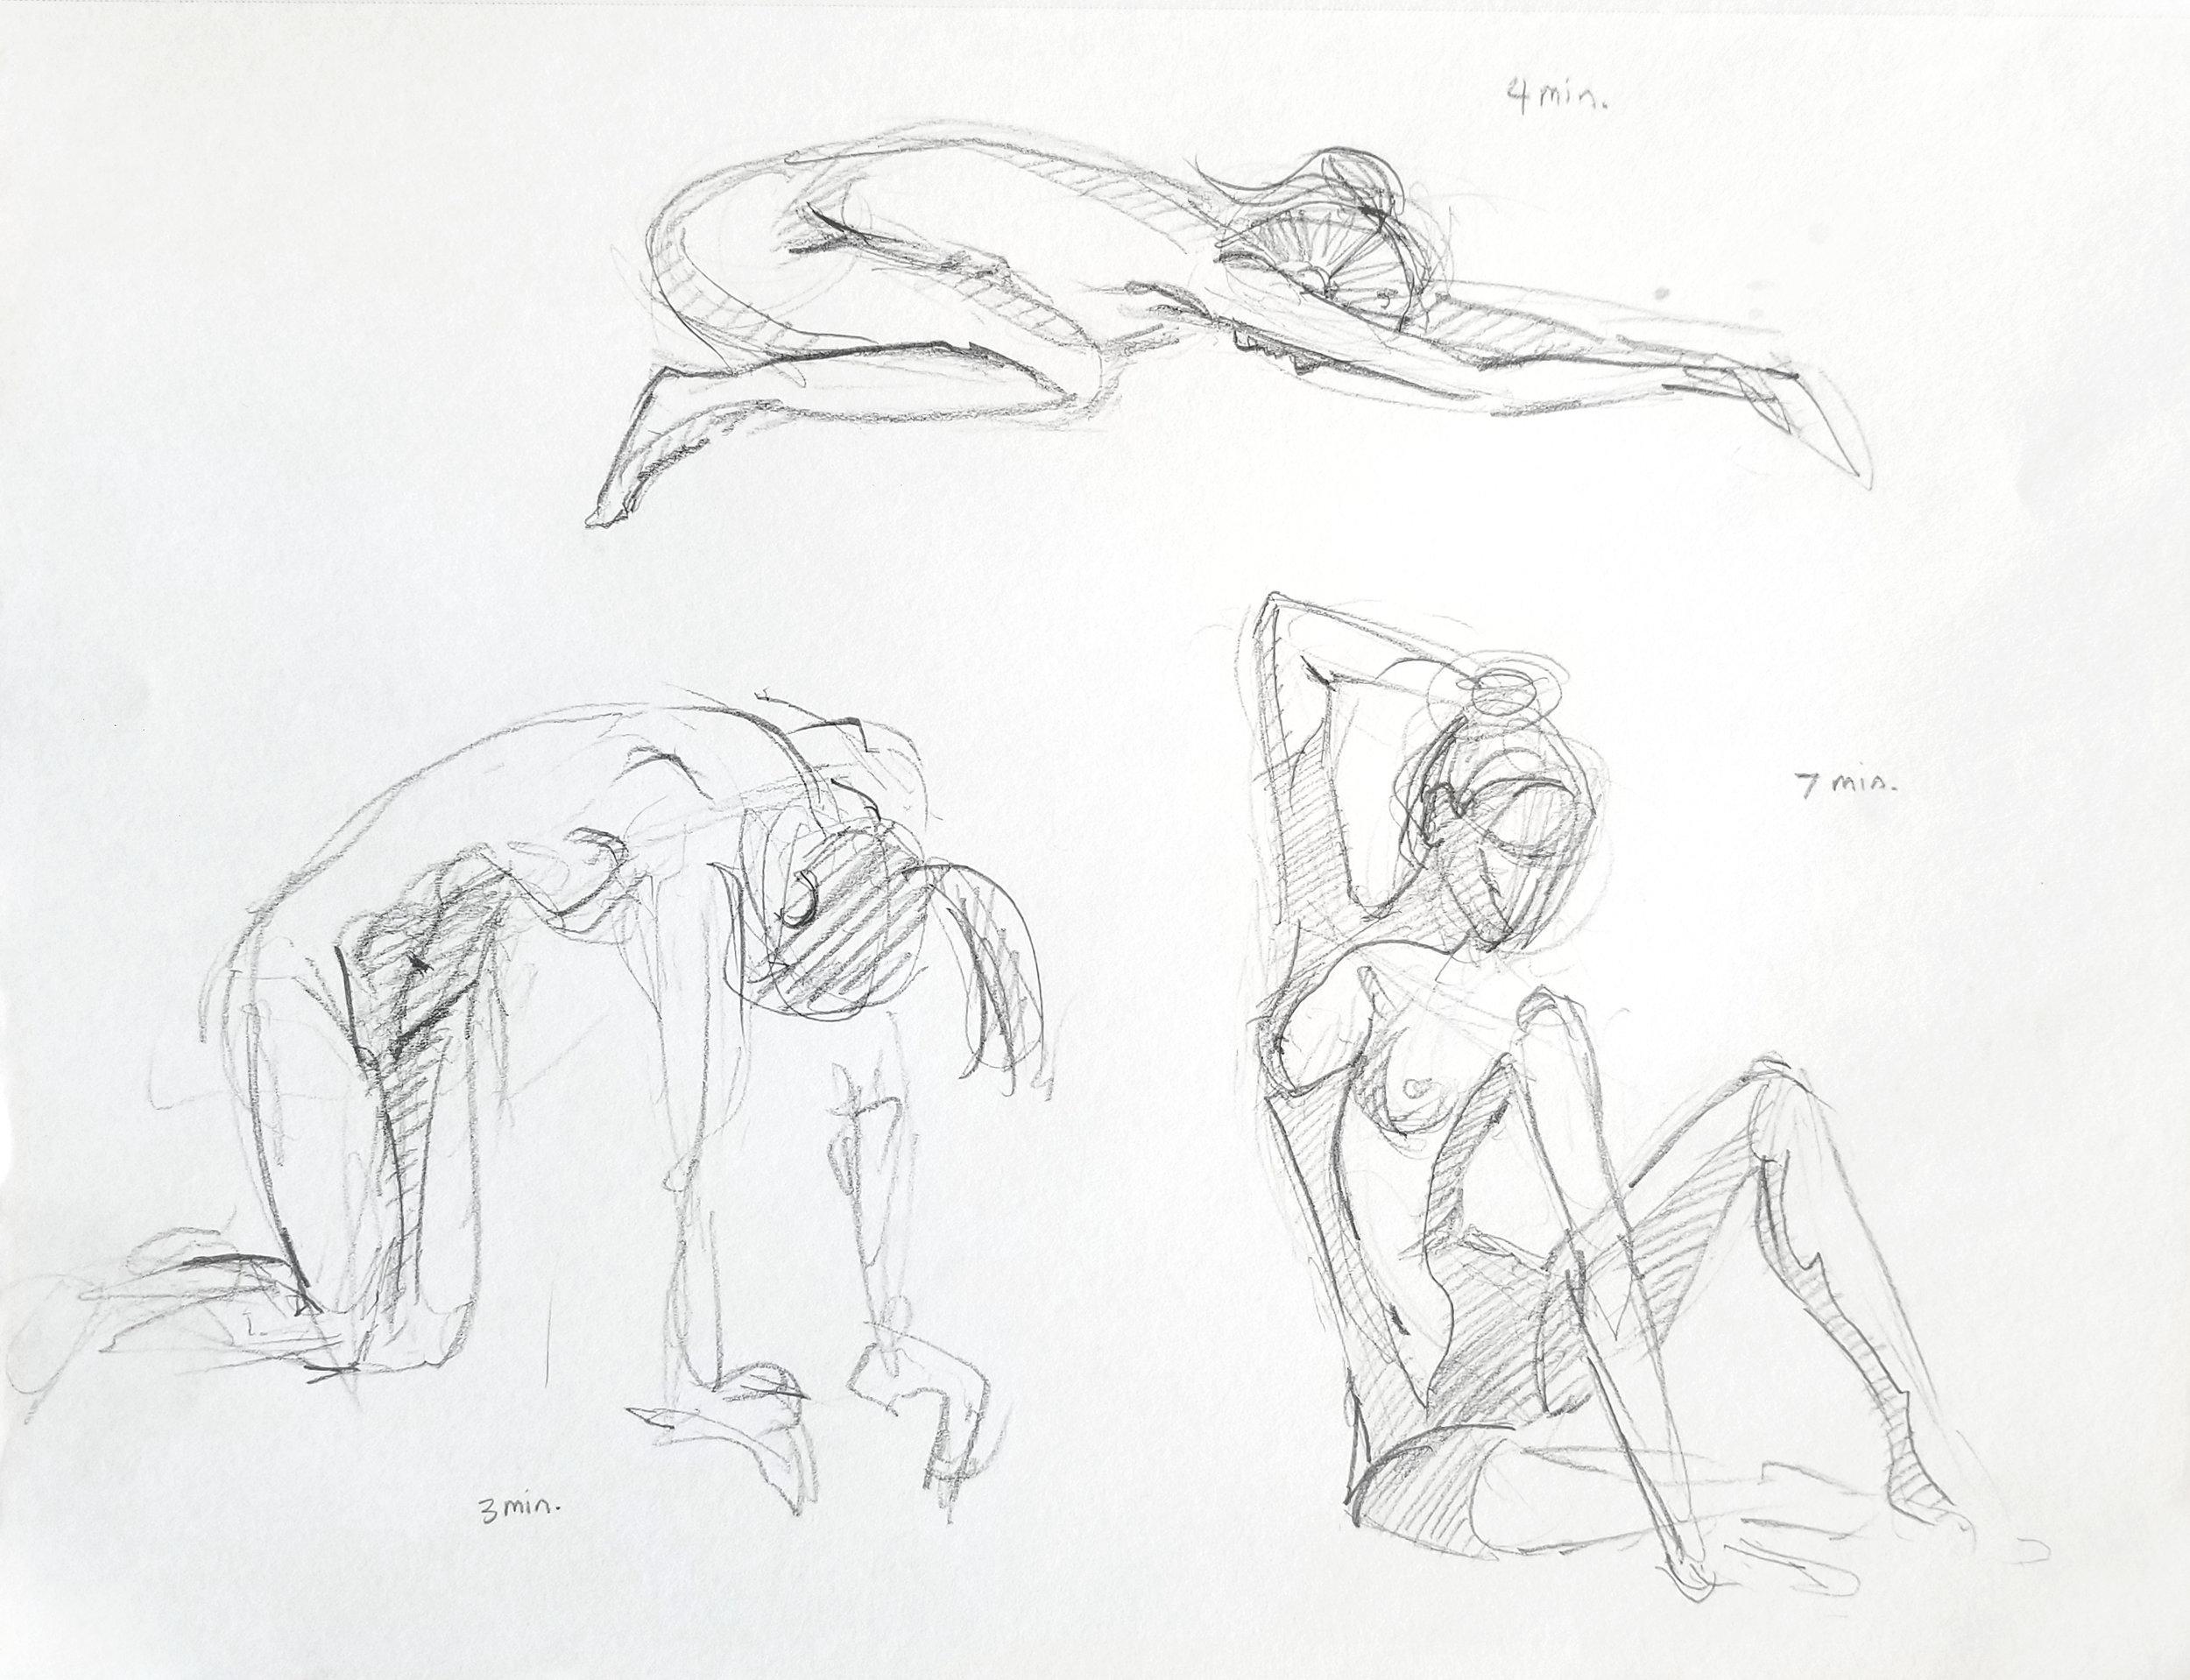 figures 6